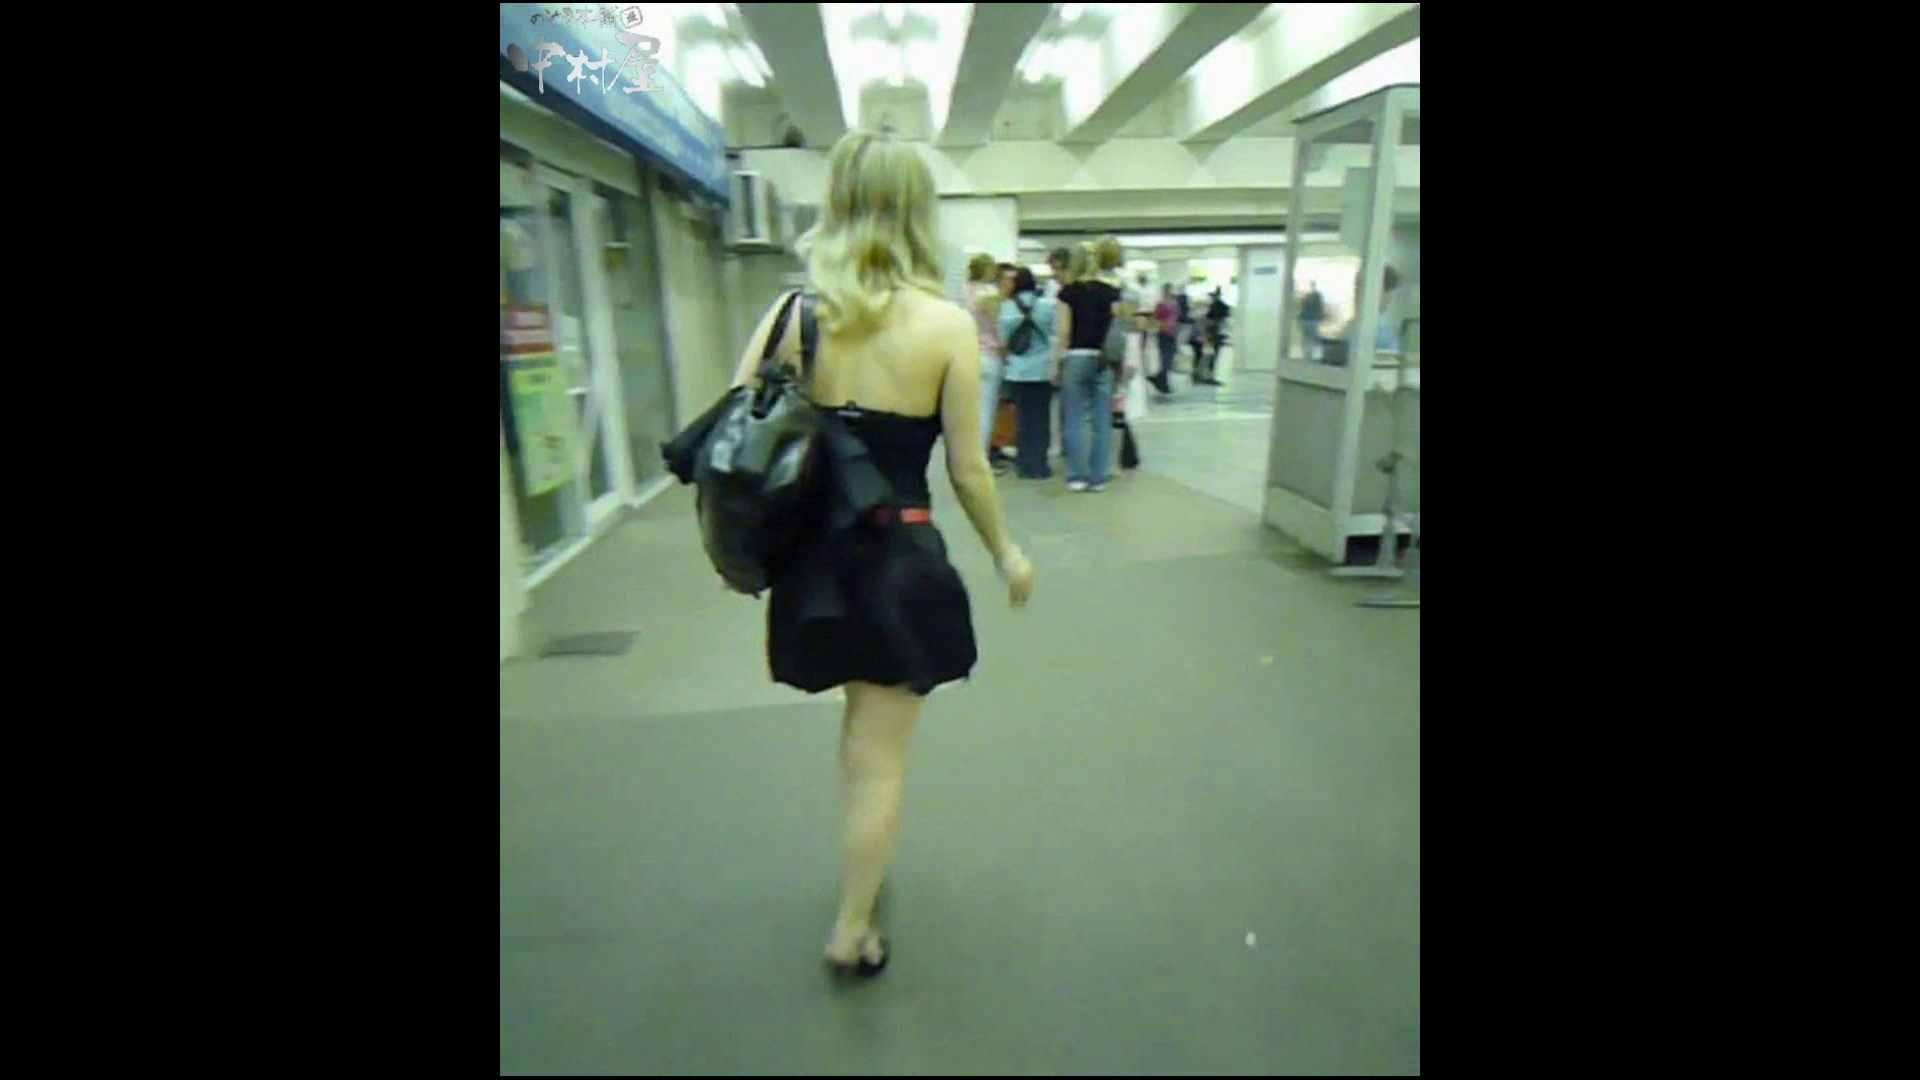 綺麗なモデルさんのスカート捲っちゃおう‼ vol25 お姉さん | OLすけべ画像  62連発 10